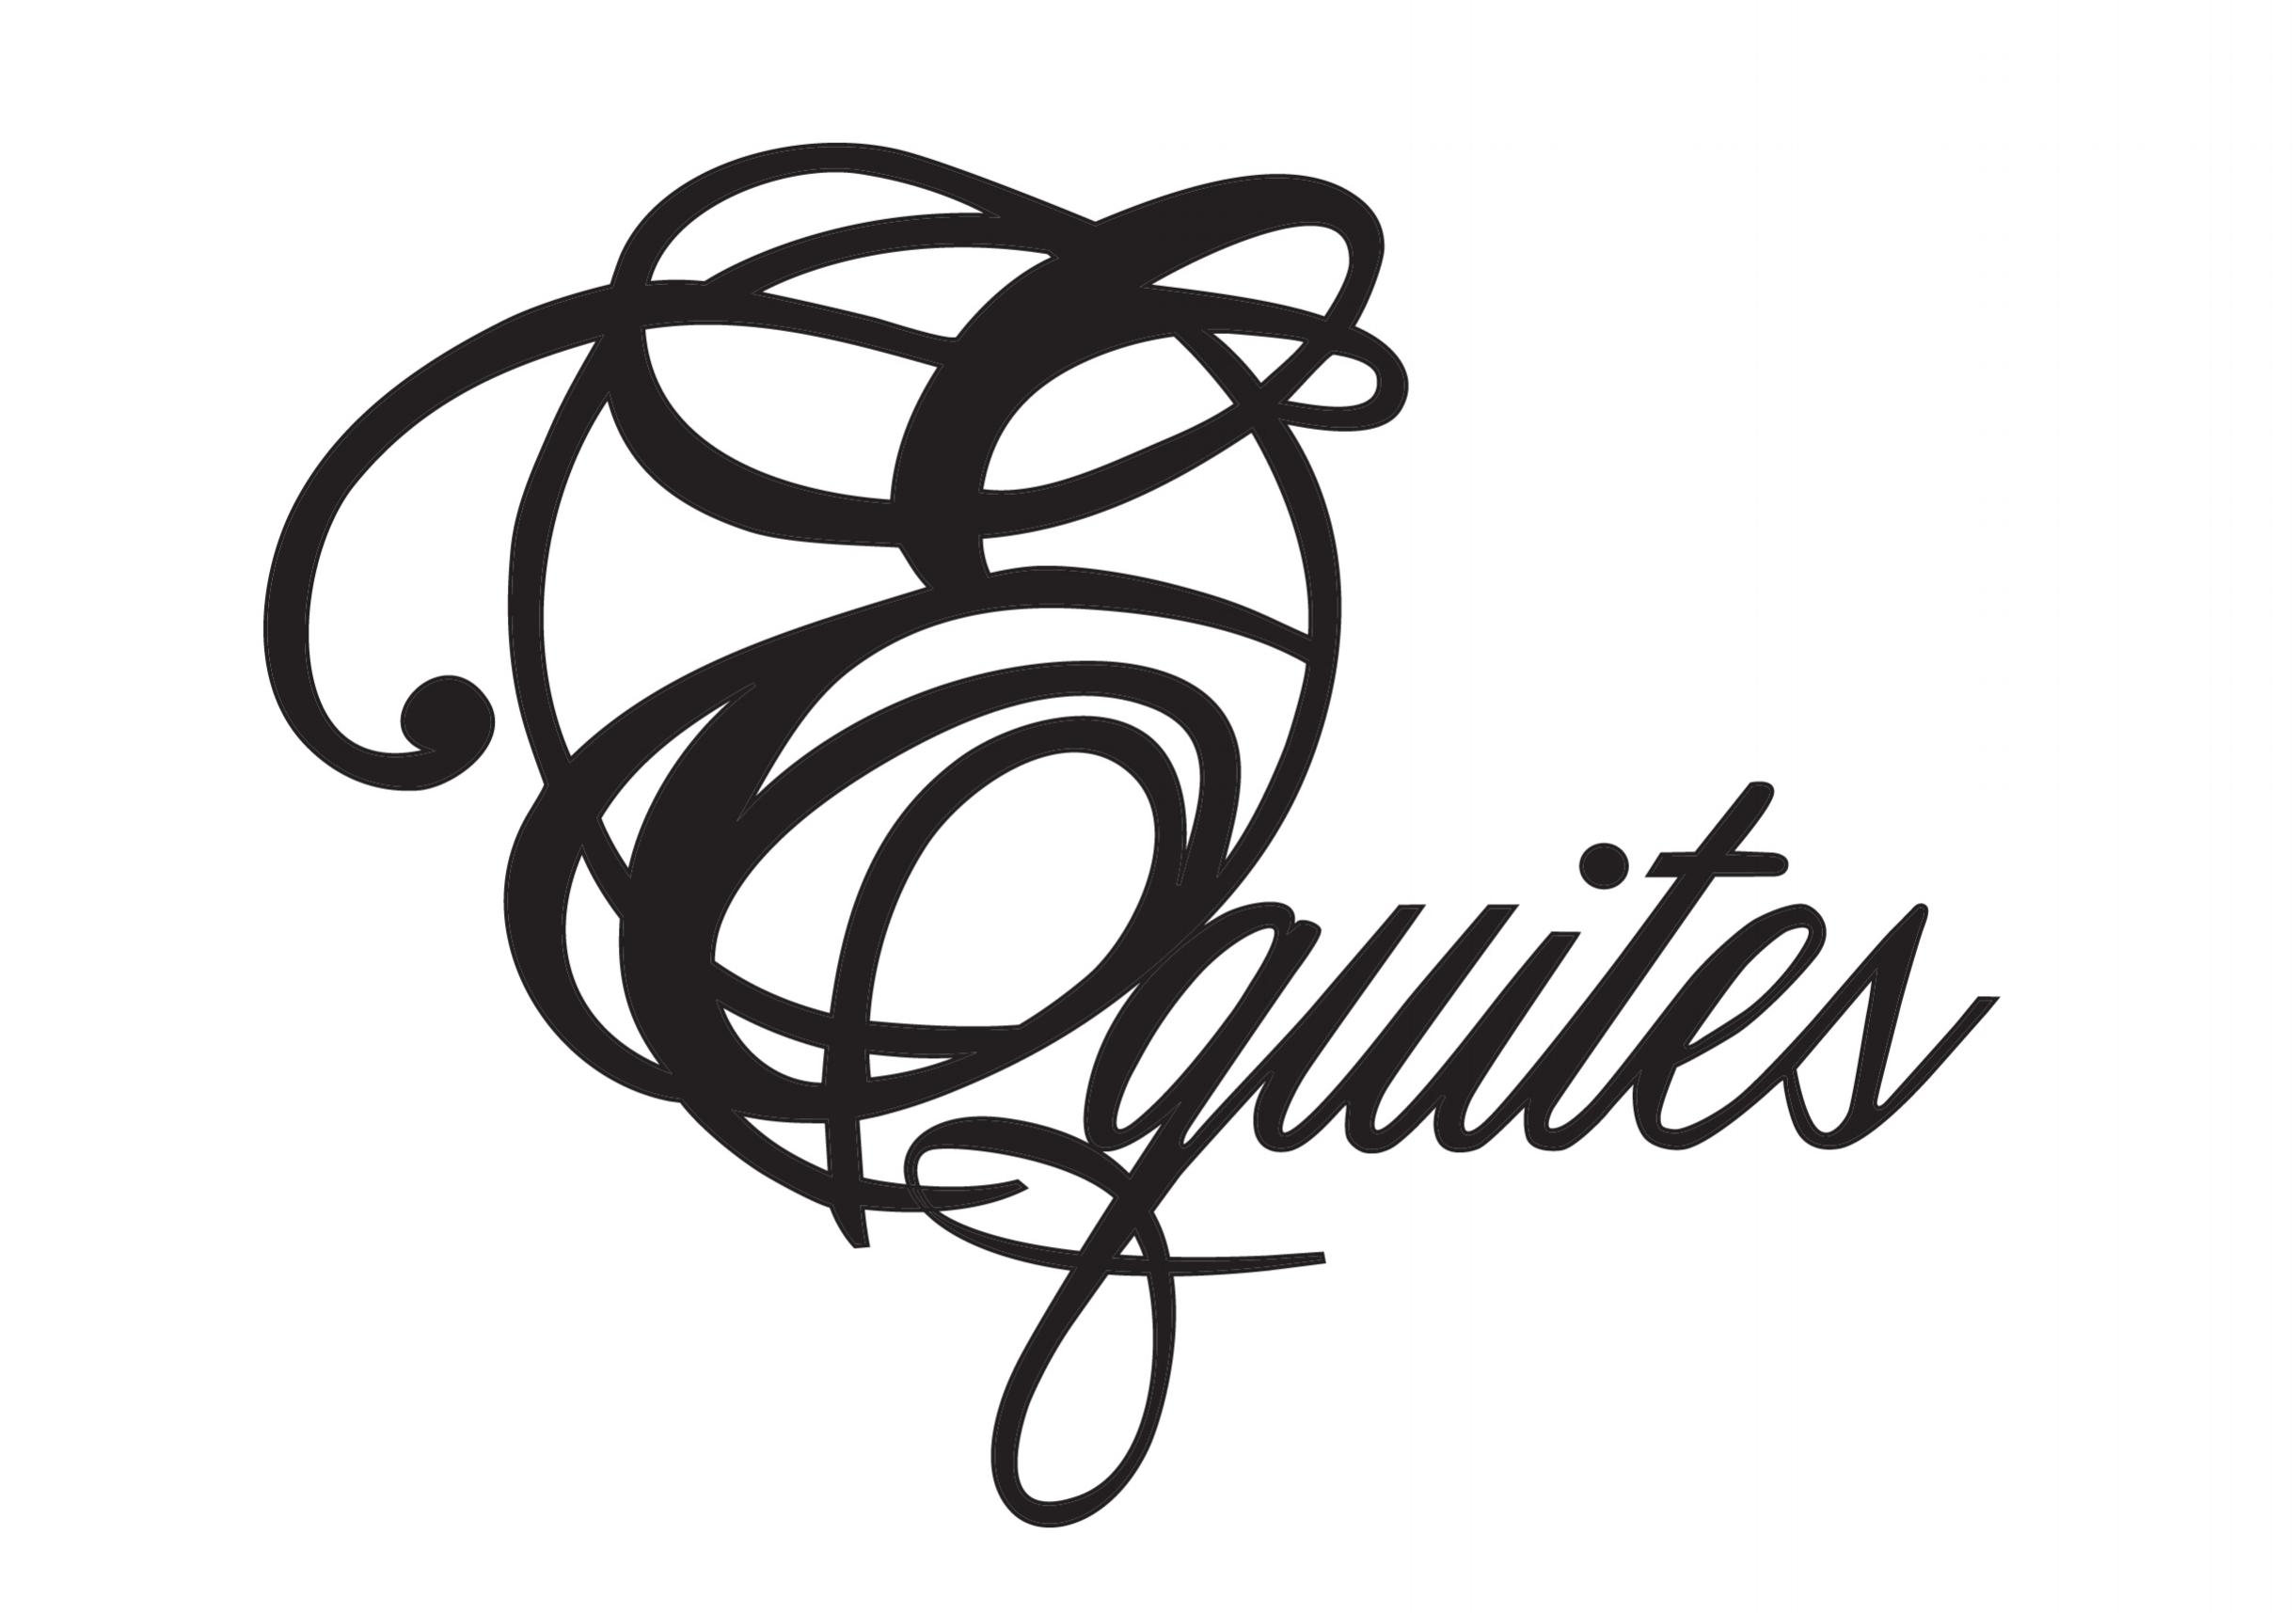 Equites_E_2.jpg